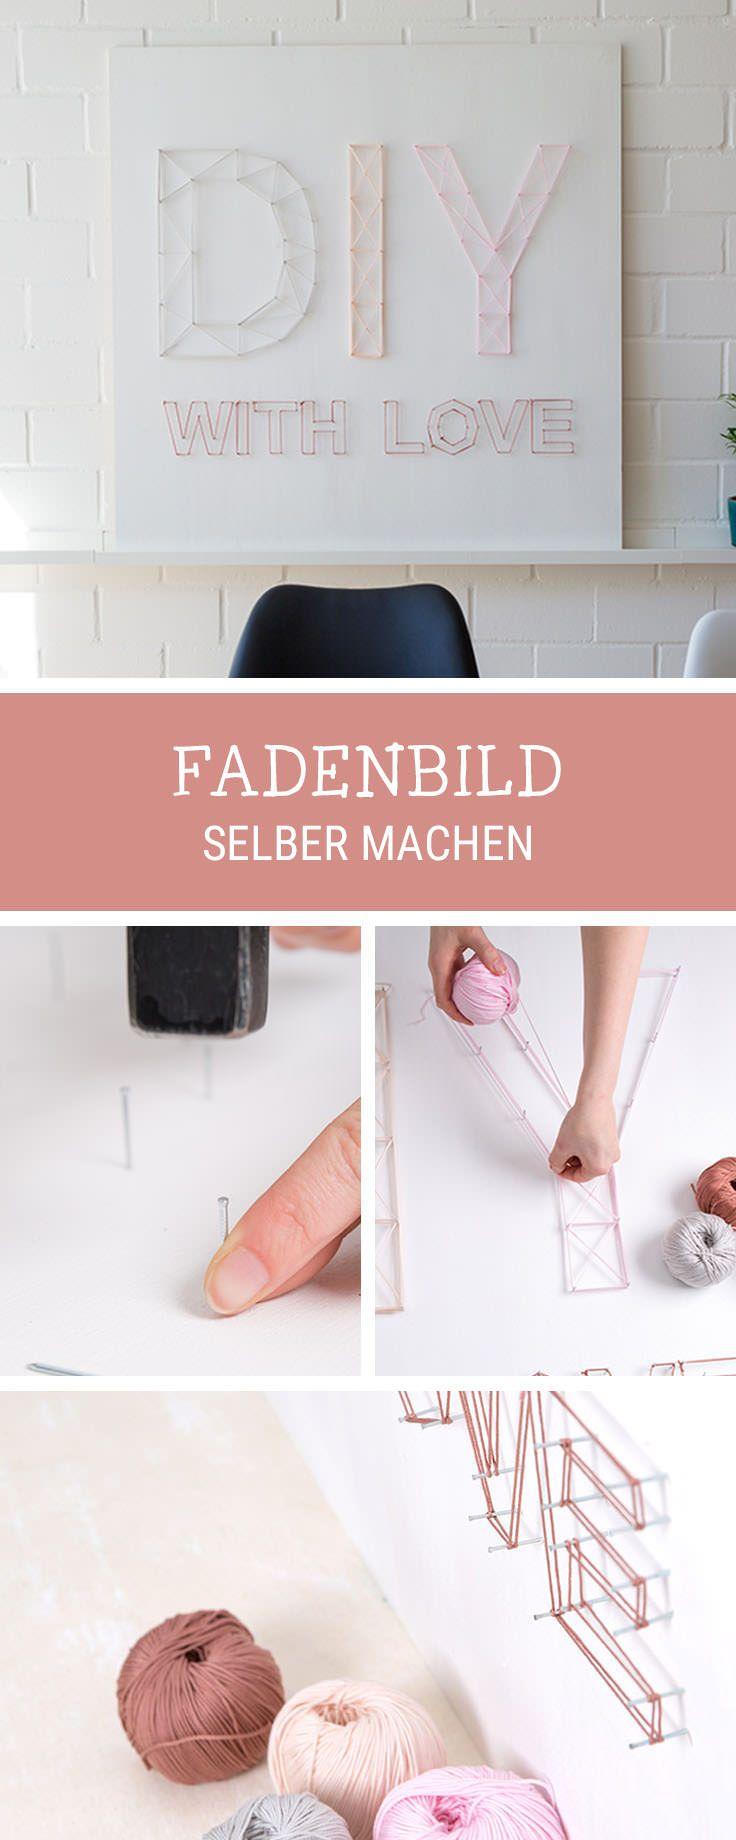 DIY-Anleitung für Zuhause, angesagtes Fadenbild selbermachen, einfaches DIY / easy diy tutorial for wall decor made of yarn, crafting with yarn via DaWanda.com